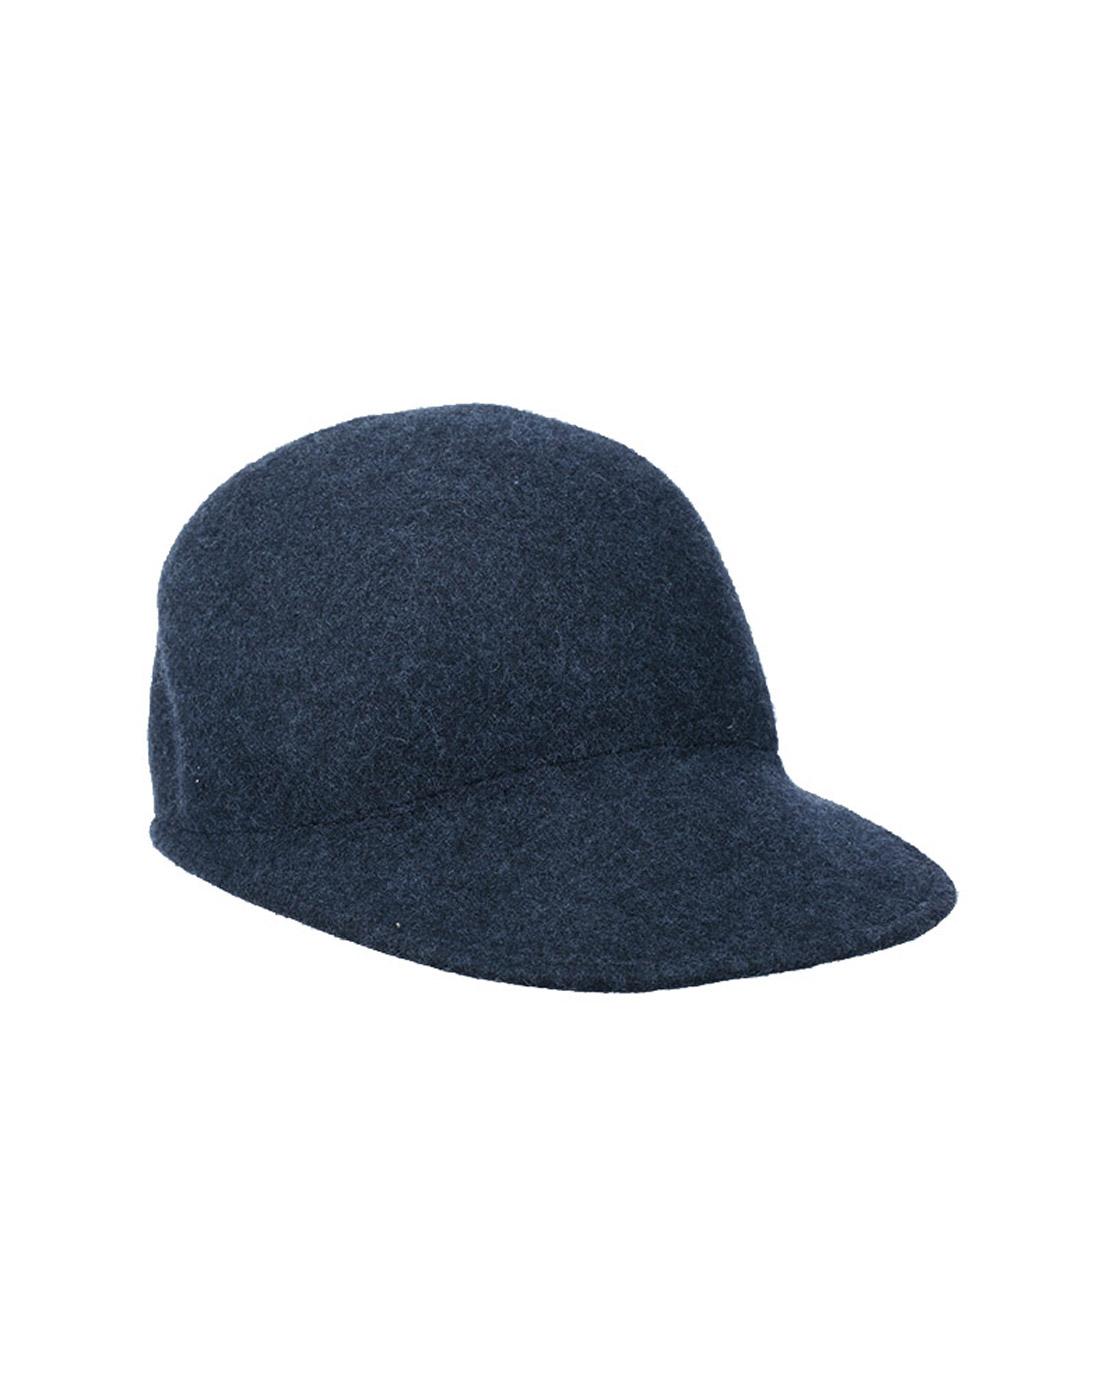 简洁单色搭配优雅英伦帽型